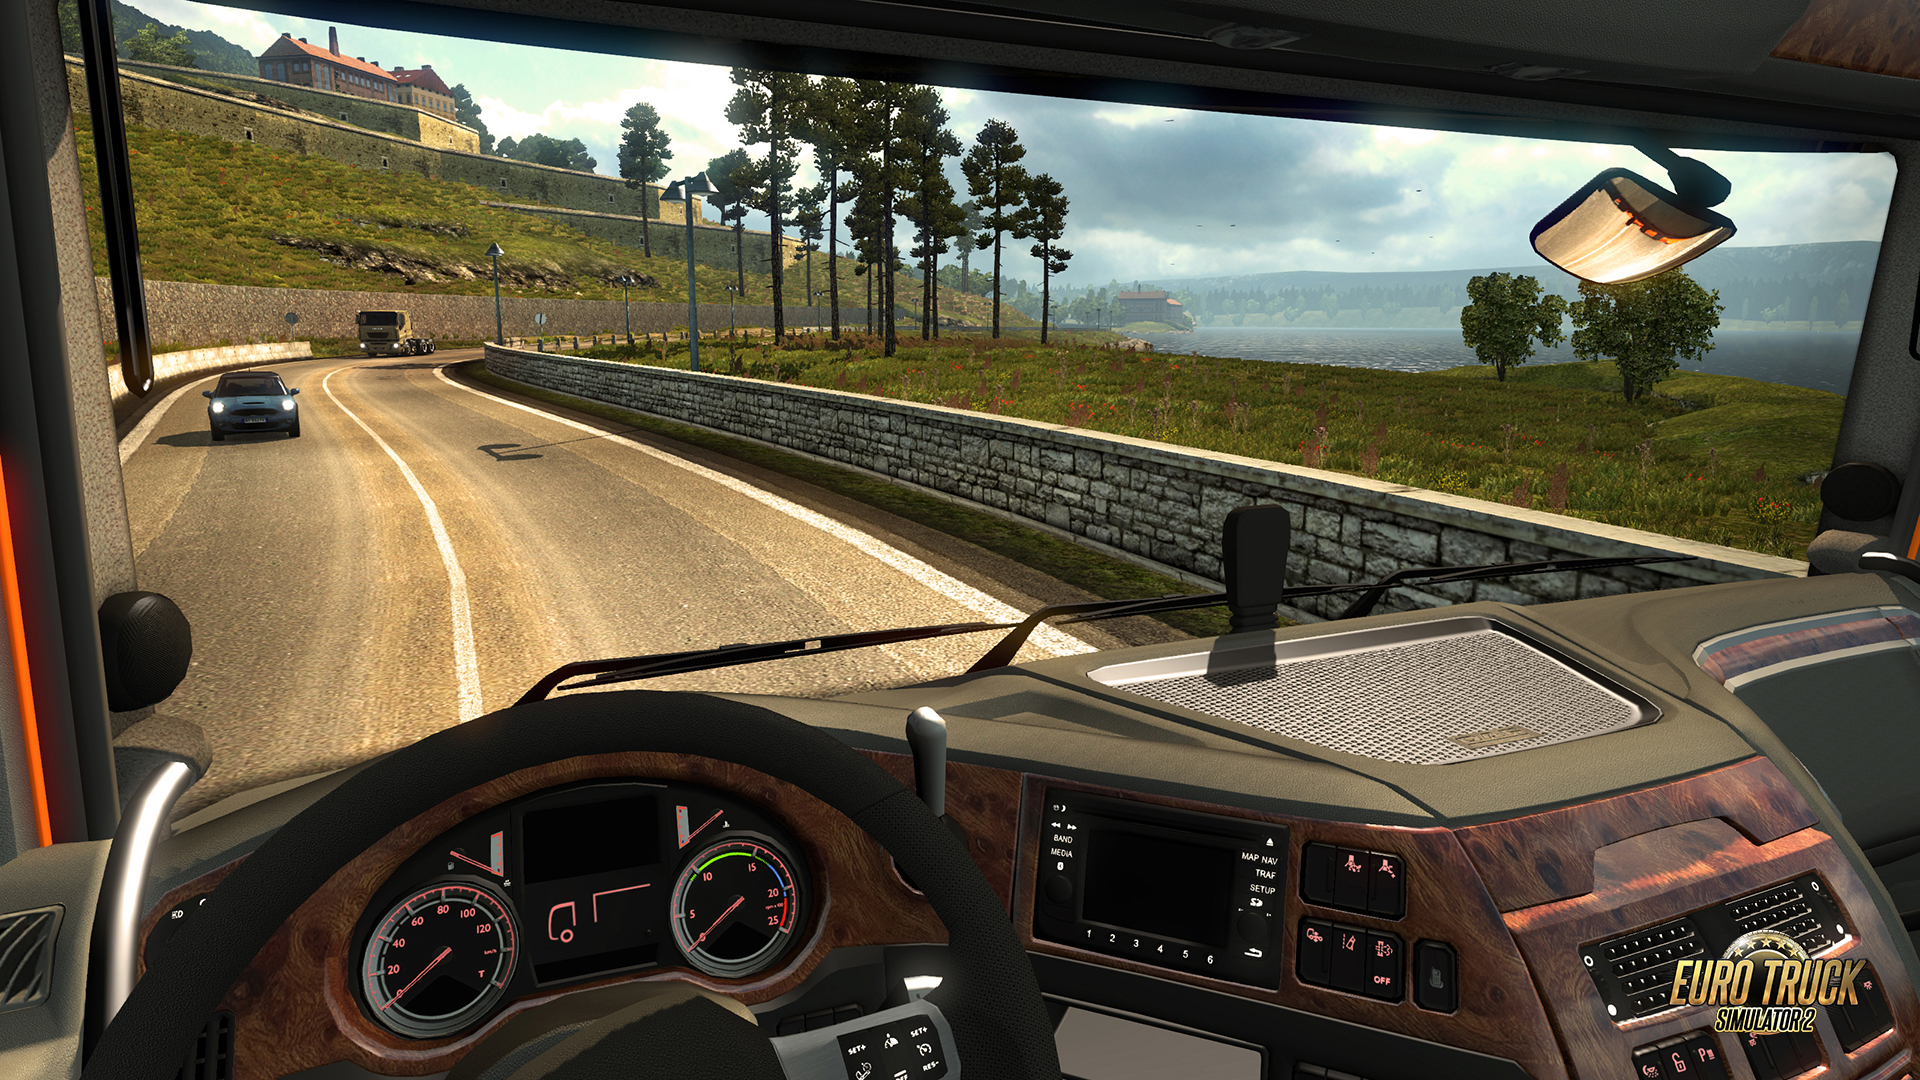 euro truck simulator 2 buy ets2 or dlc. Black Bedroom Furniture Sets. Home Design Ideas